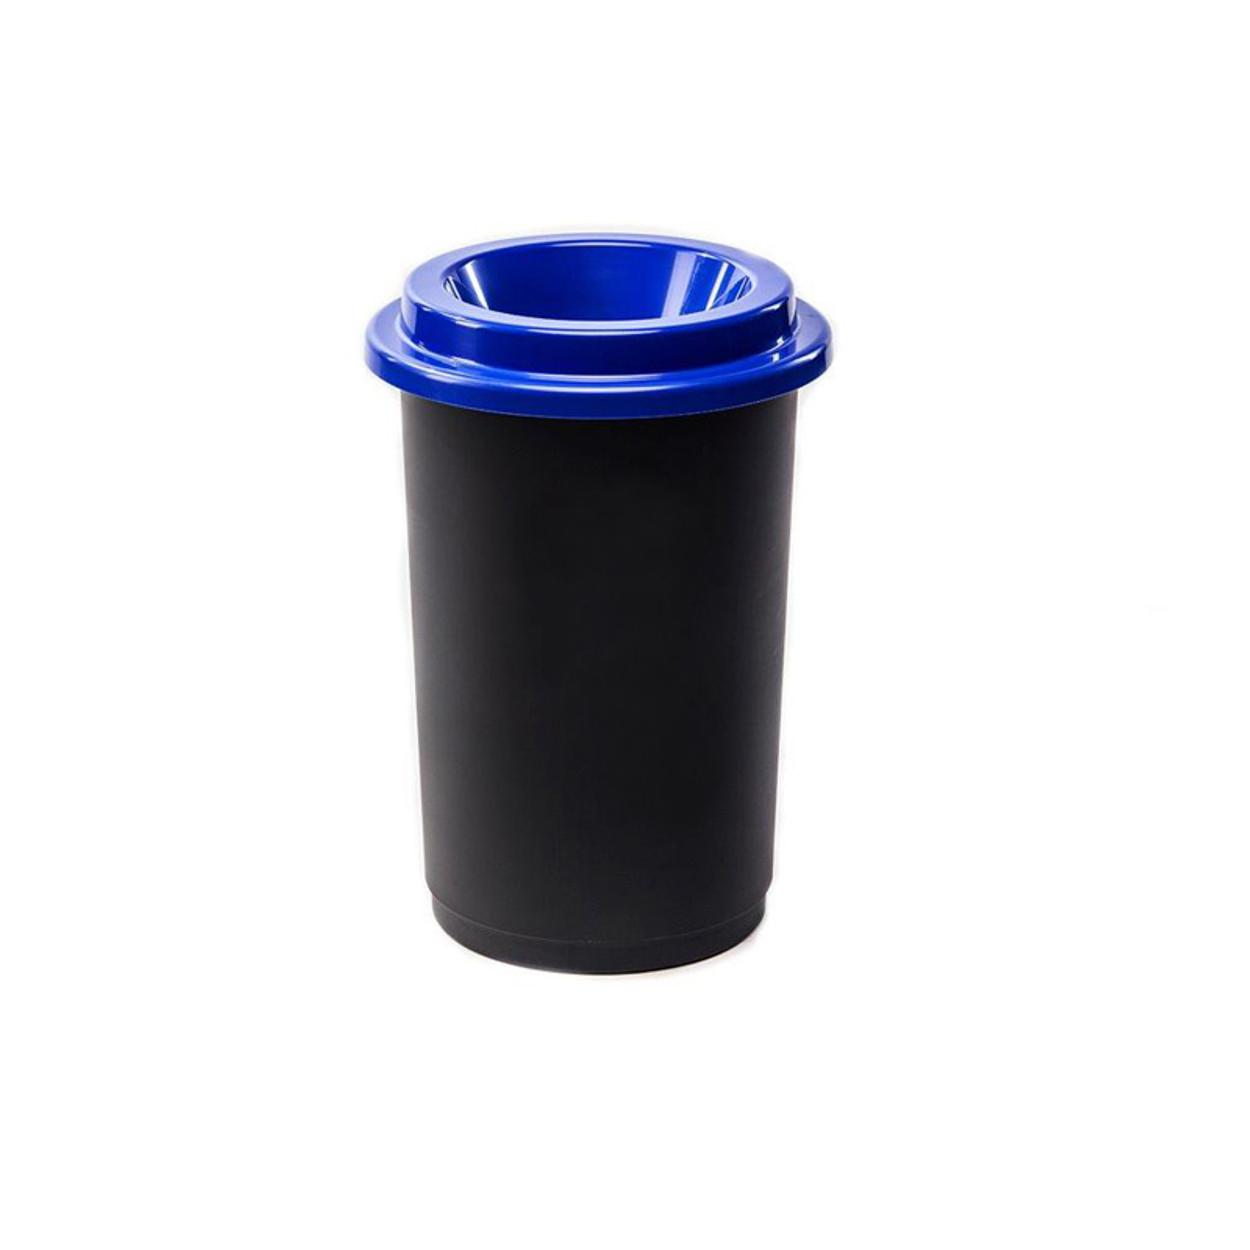 Plastikowy kosz okrągły, do segregacji śmieci 50 l, niebieski